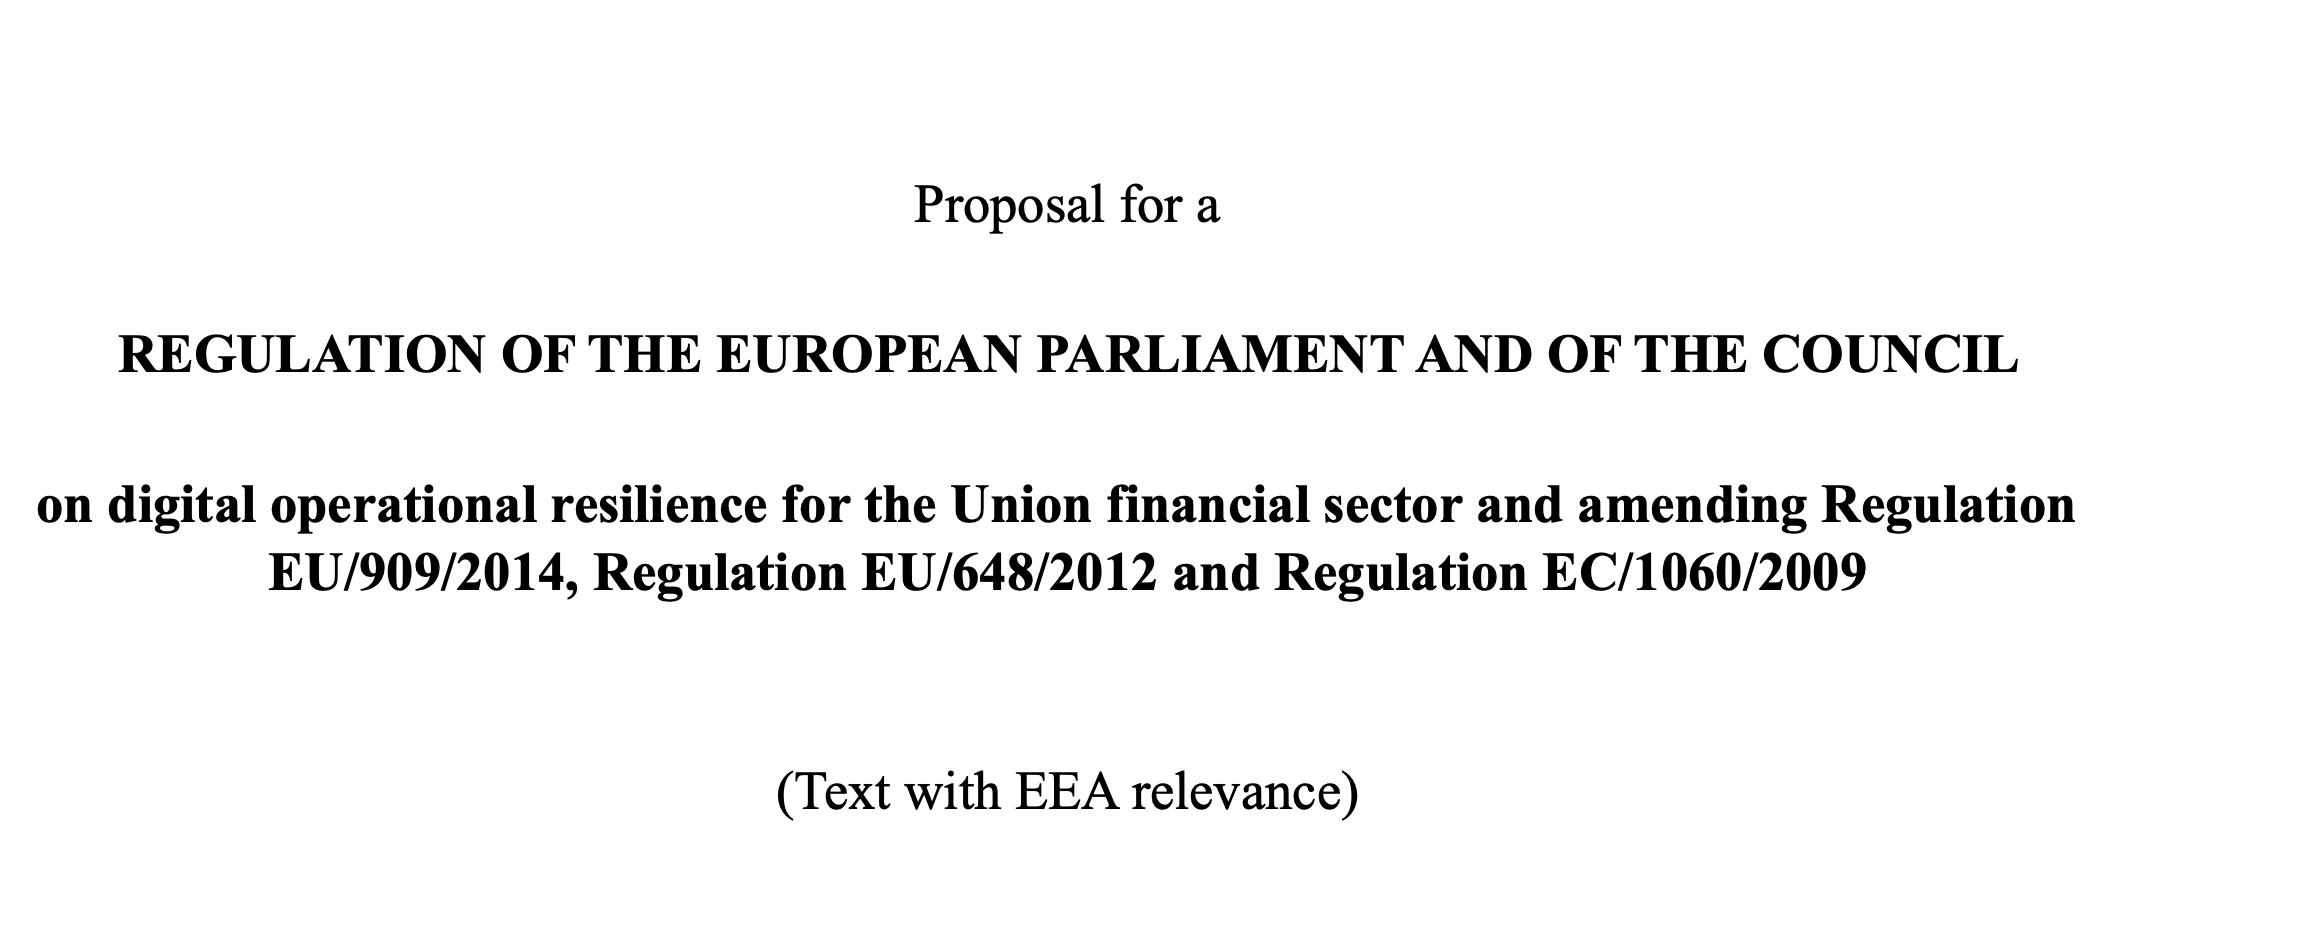 Projekt unijnego rozporządzenia w sprawie digital operational resilience dla sektora finansowego. Co w nim znajdziemy?